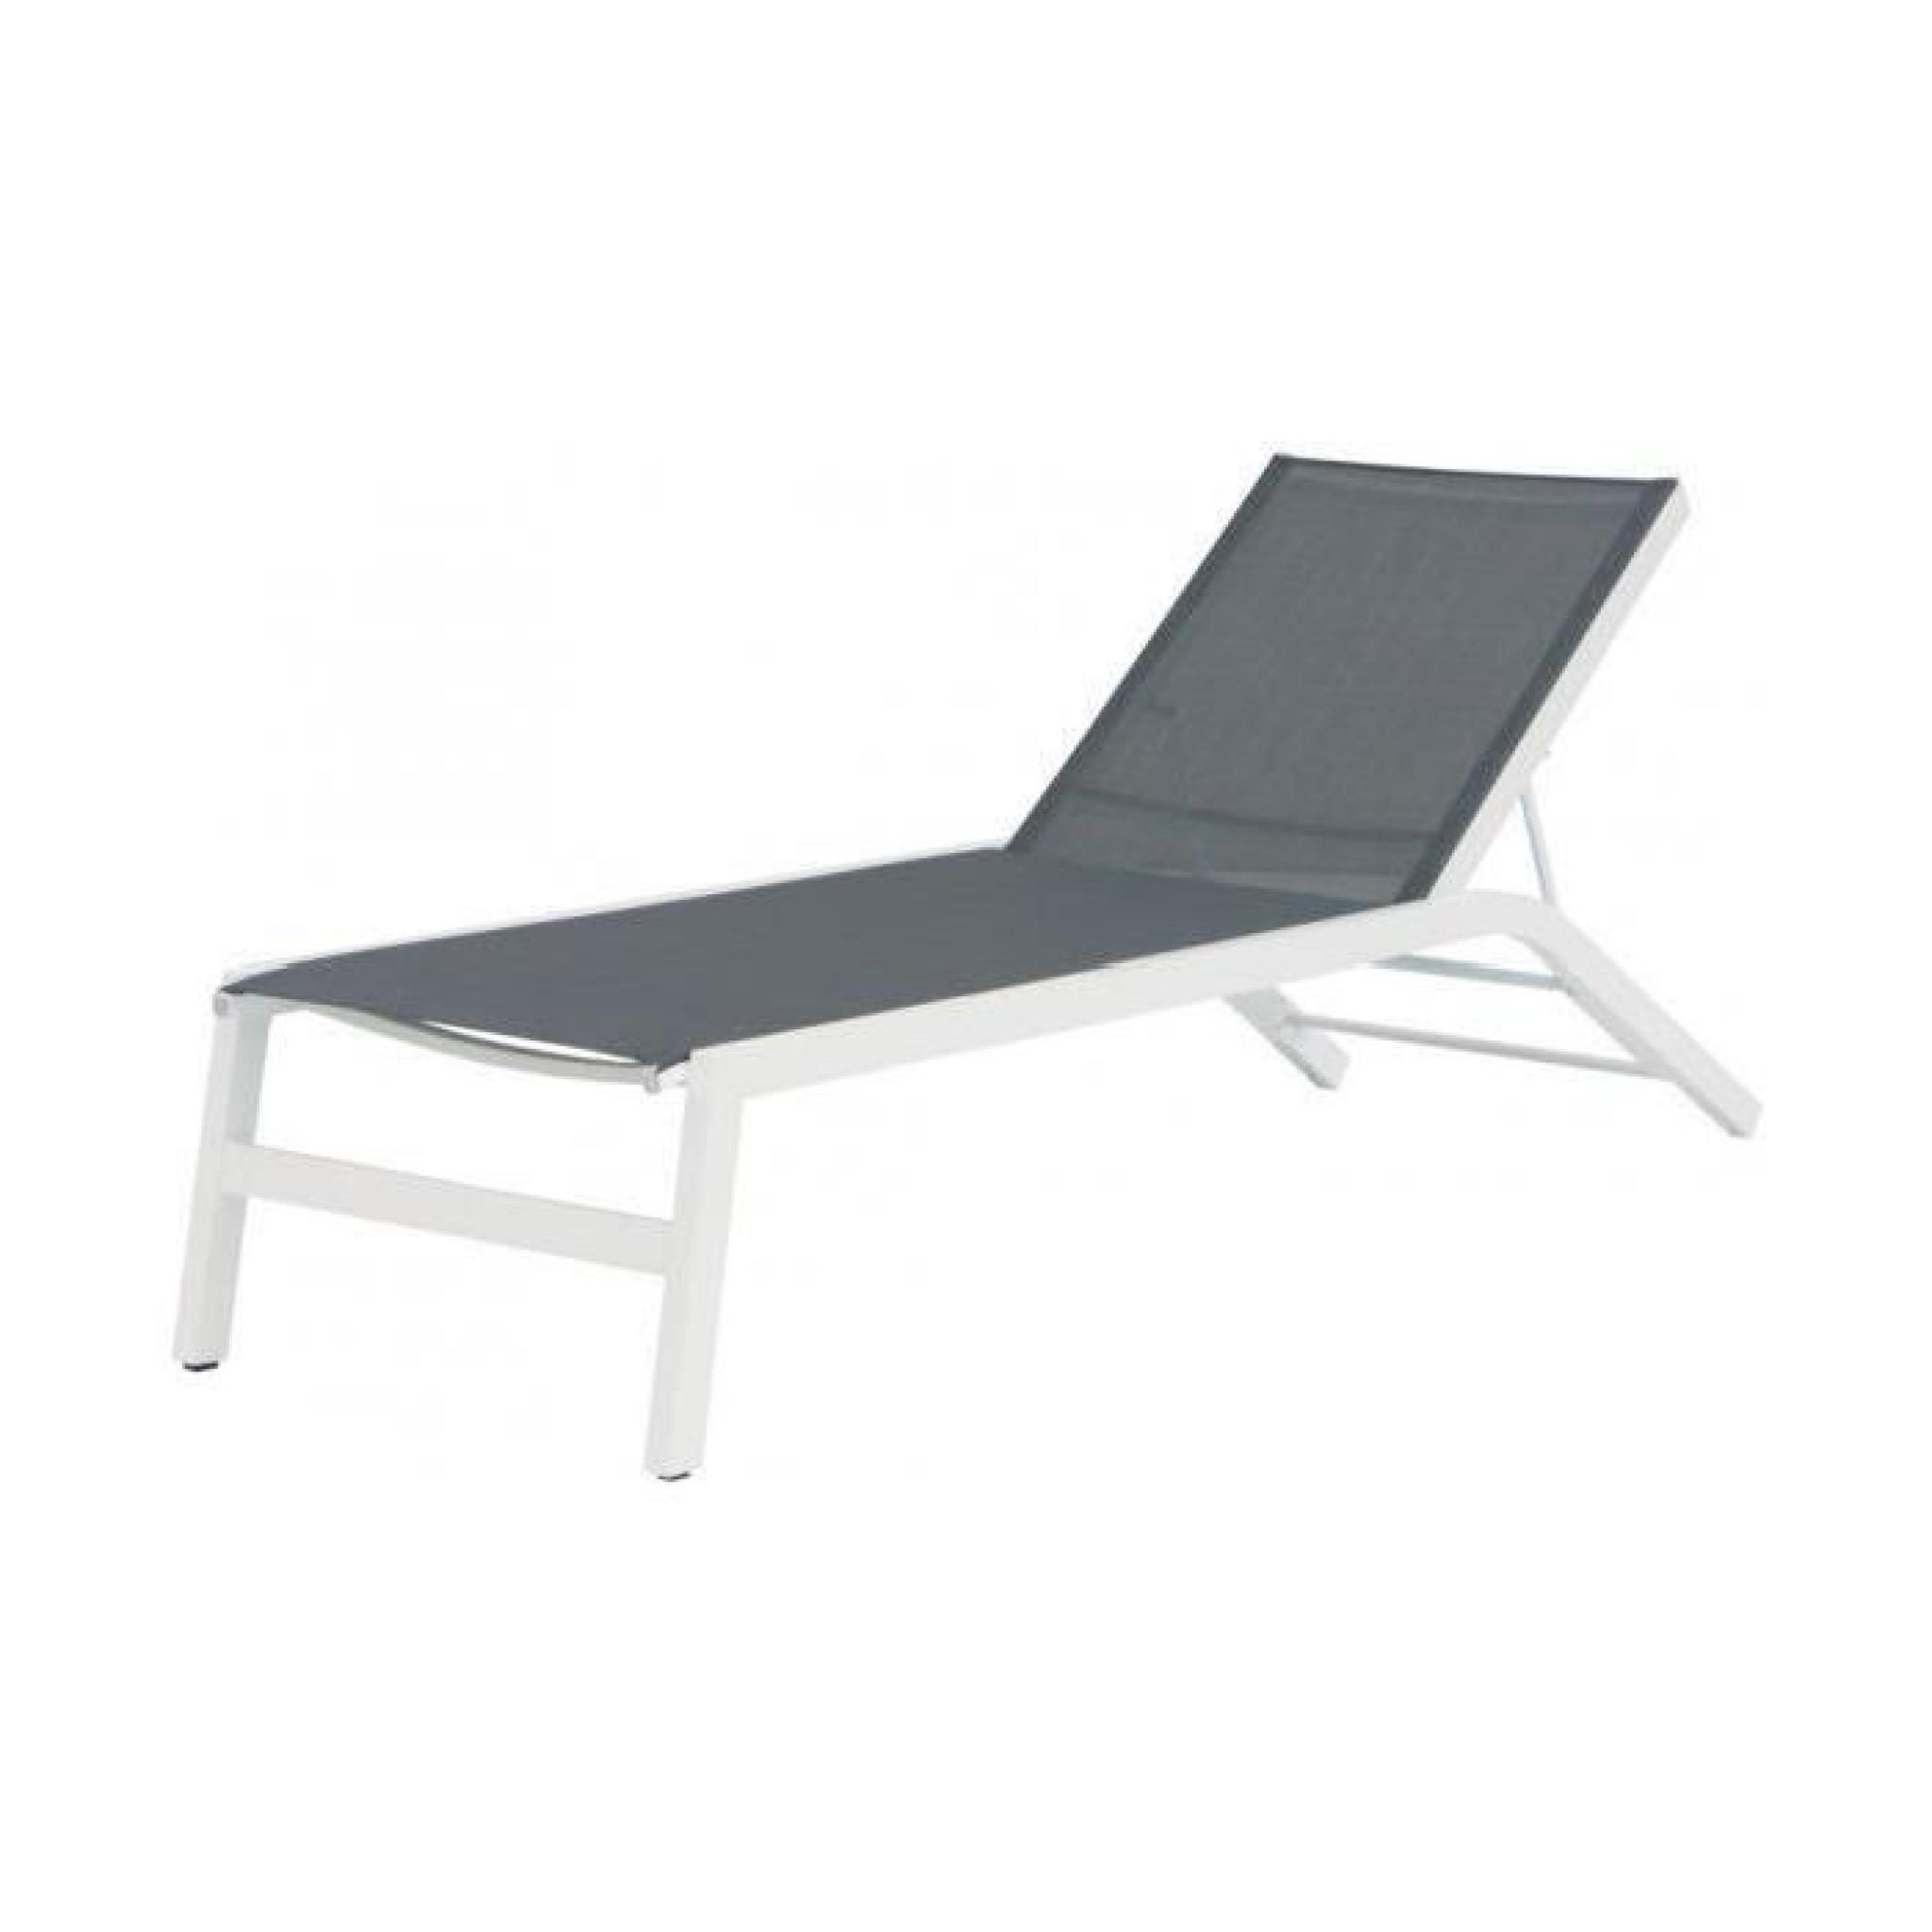 bain de soleil aluminium blanc avec textil ne gris achat. Black Bedroom Furniture Sets. Home Design Ideas